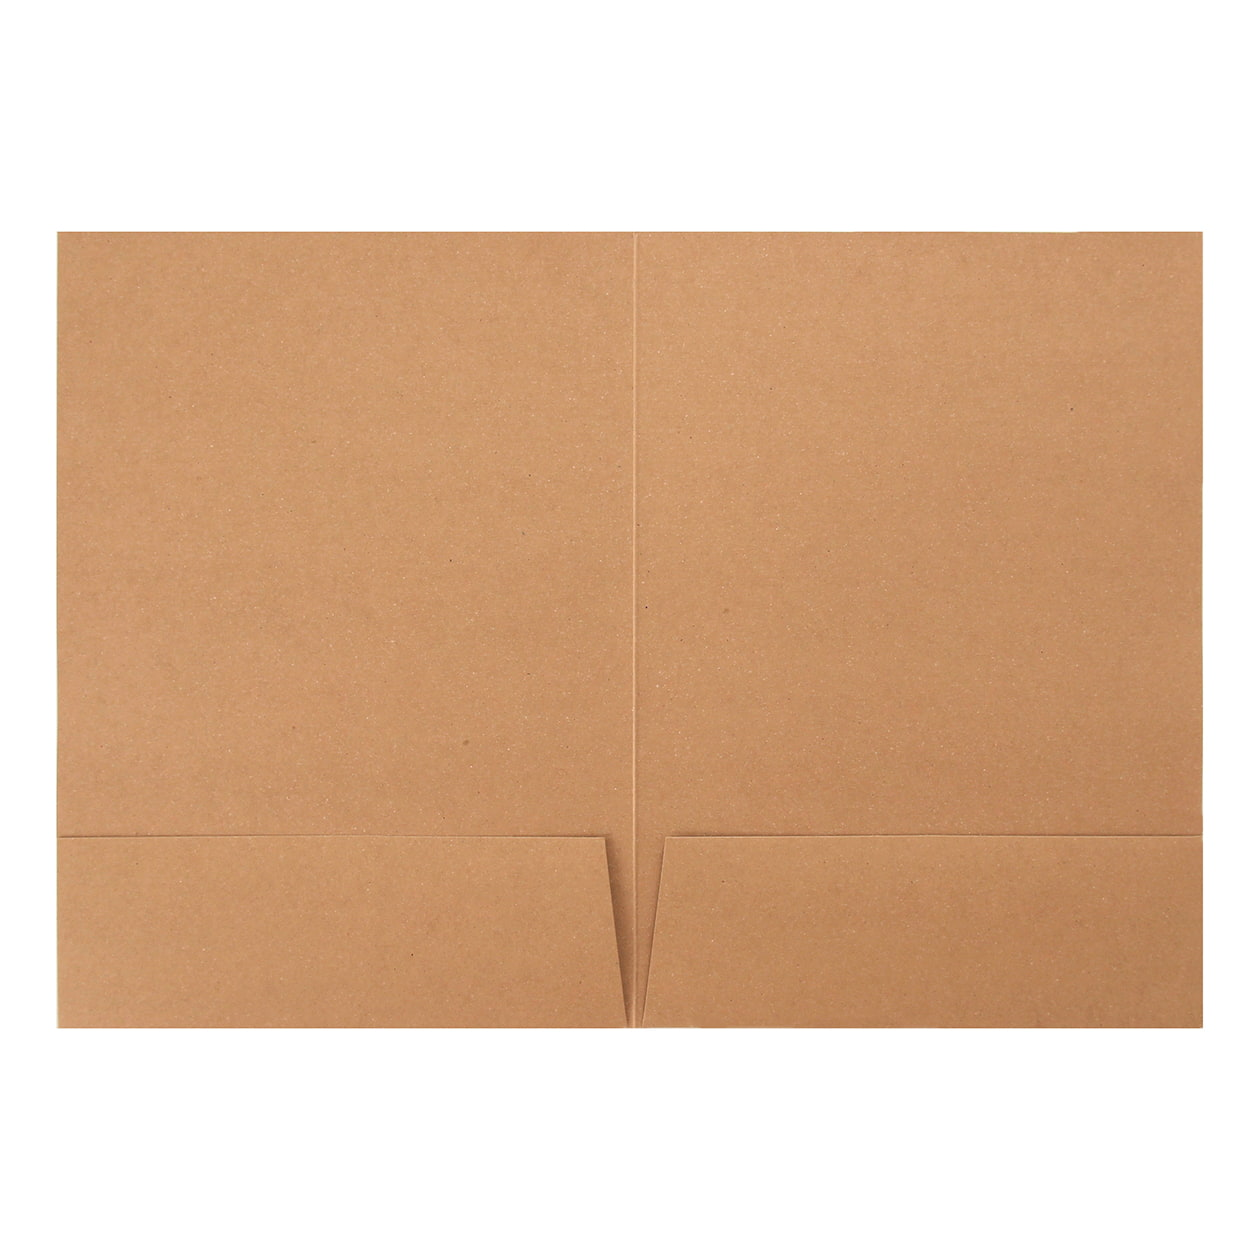 A4フォルダー 2ポケット ボード紙 ブラウン 270g